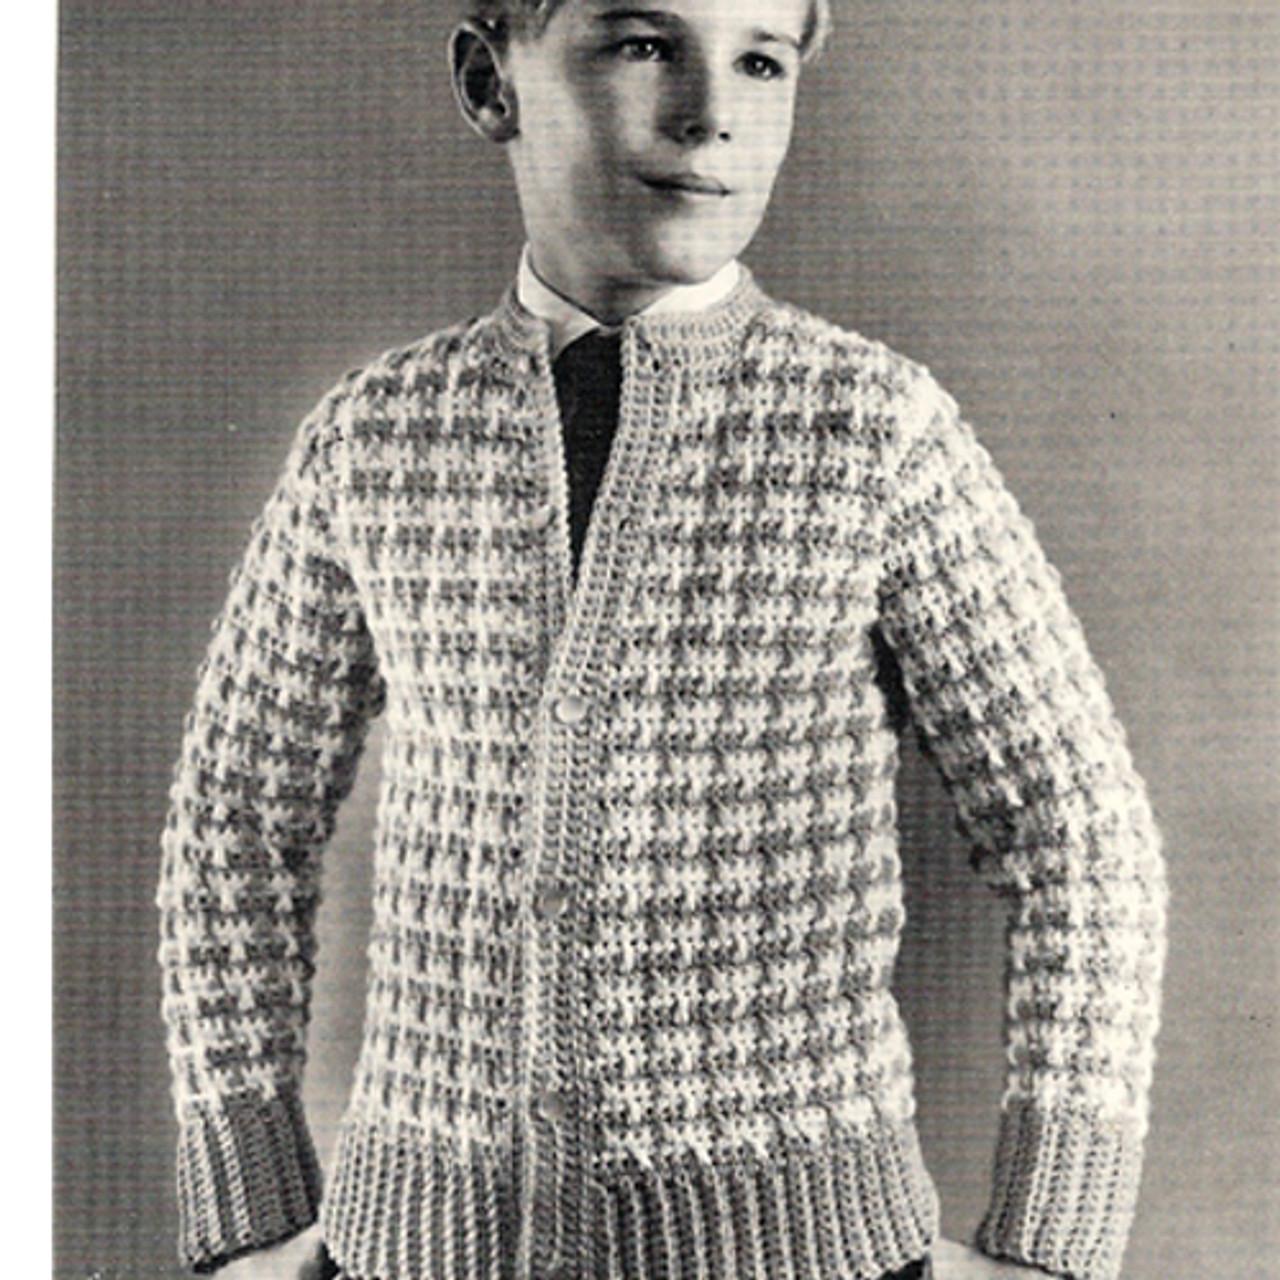 Checked V-Neck Boys Jacket Pattern